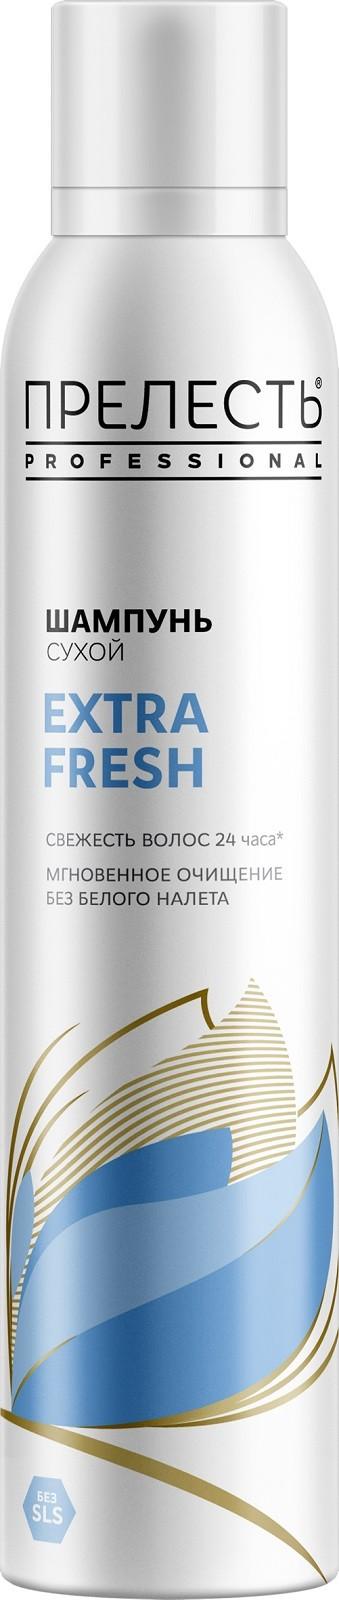 Сухой шампунь Прелесть Professional Extra Fresh, 200 мл Прелесть Professional